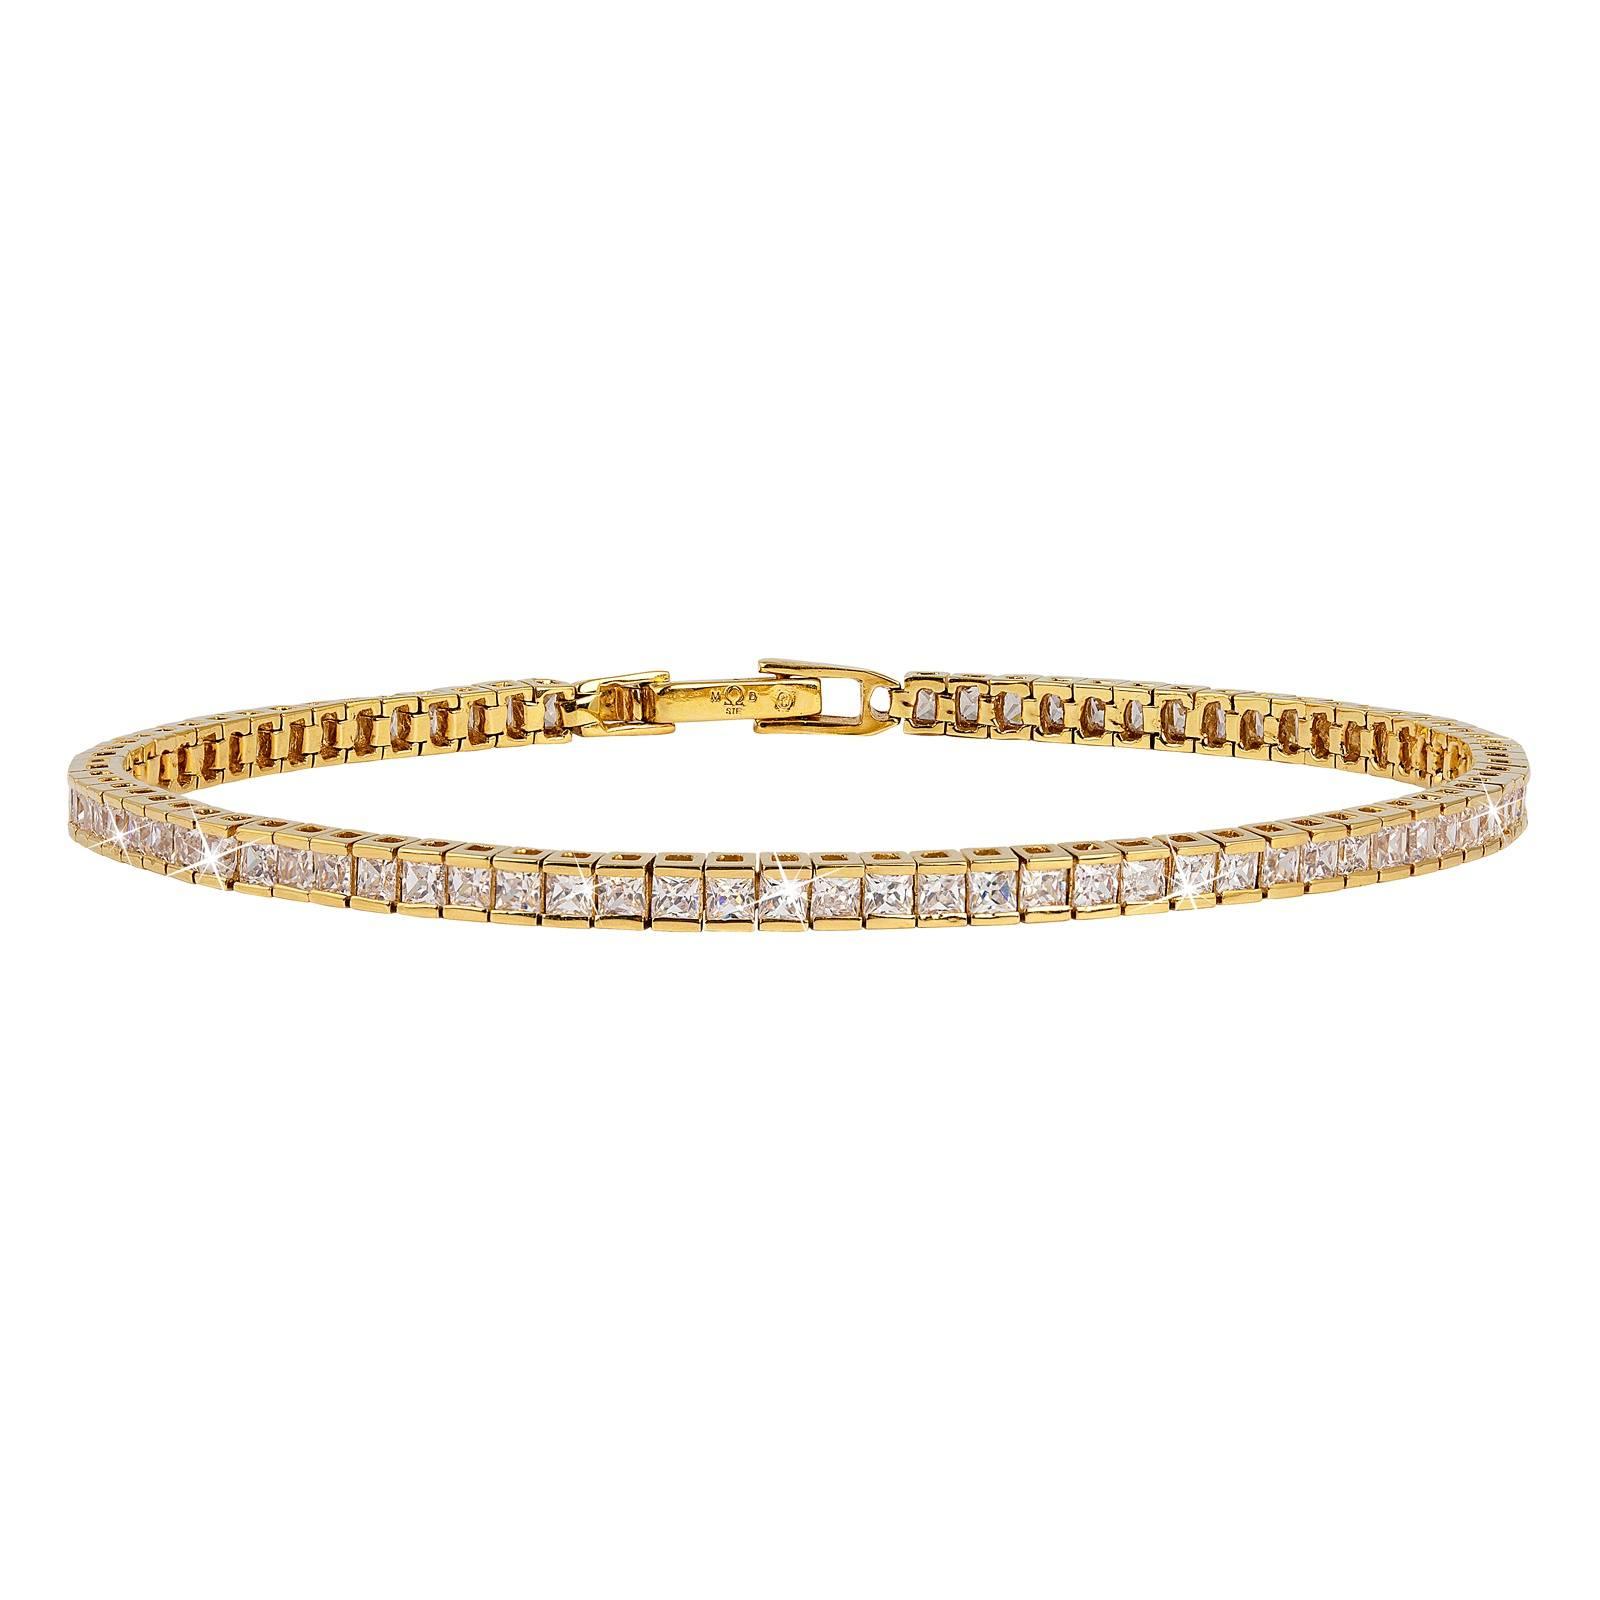 18K Guldpläterat Armband med Kubisk Zirkonia - 17,5 cm